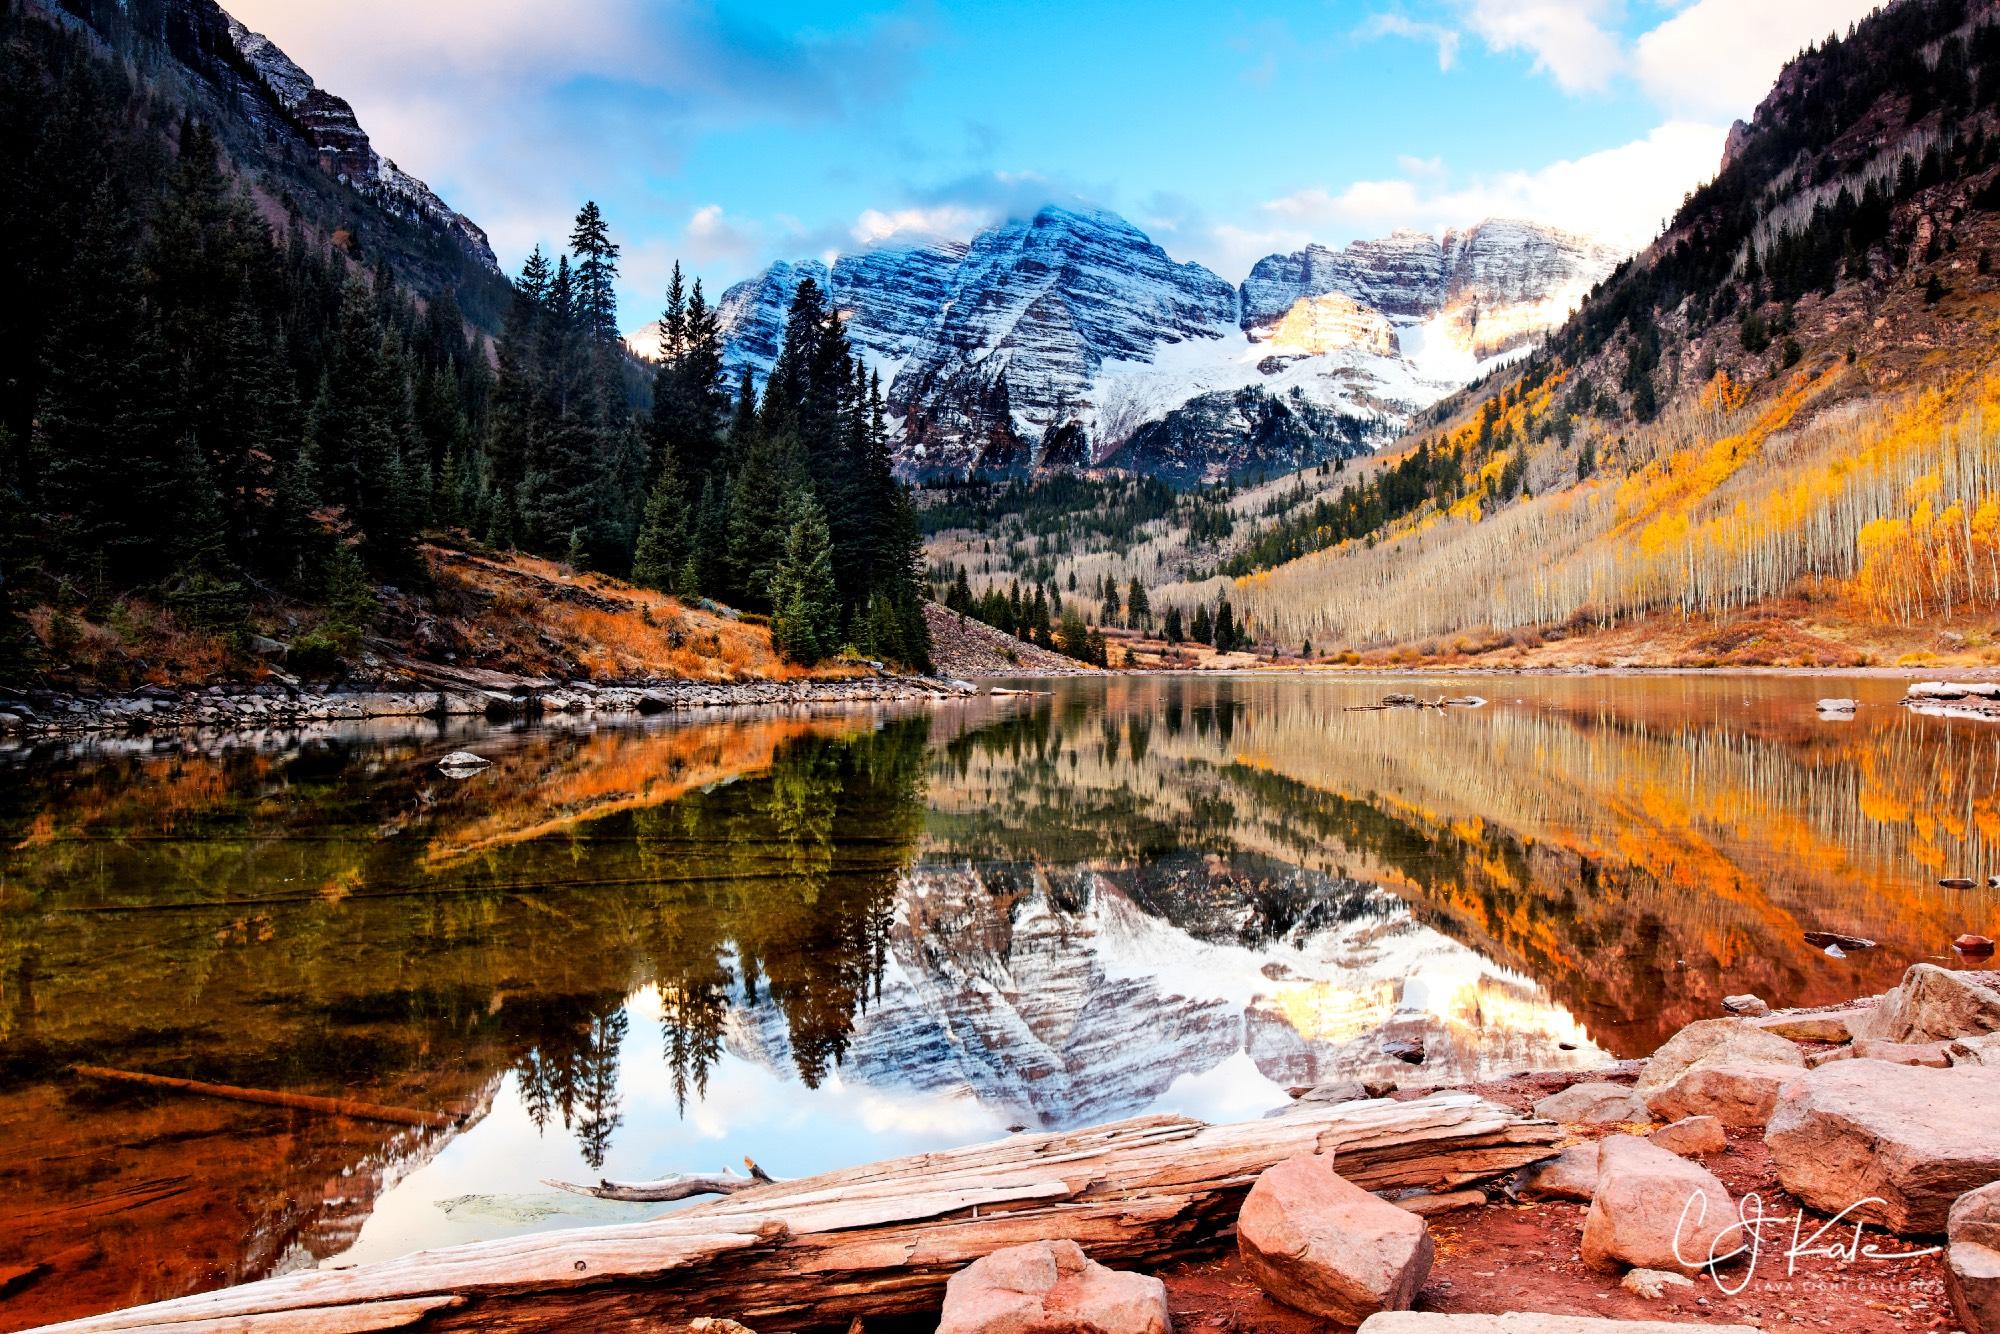 Maroon Bells, Colorado Rockies.